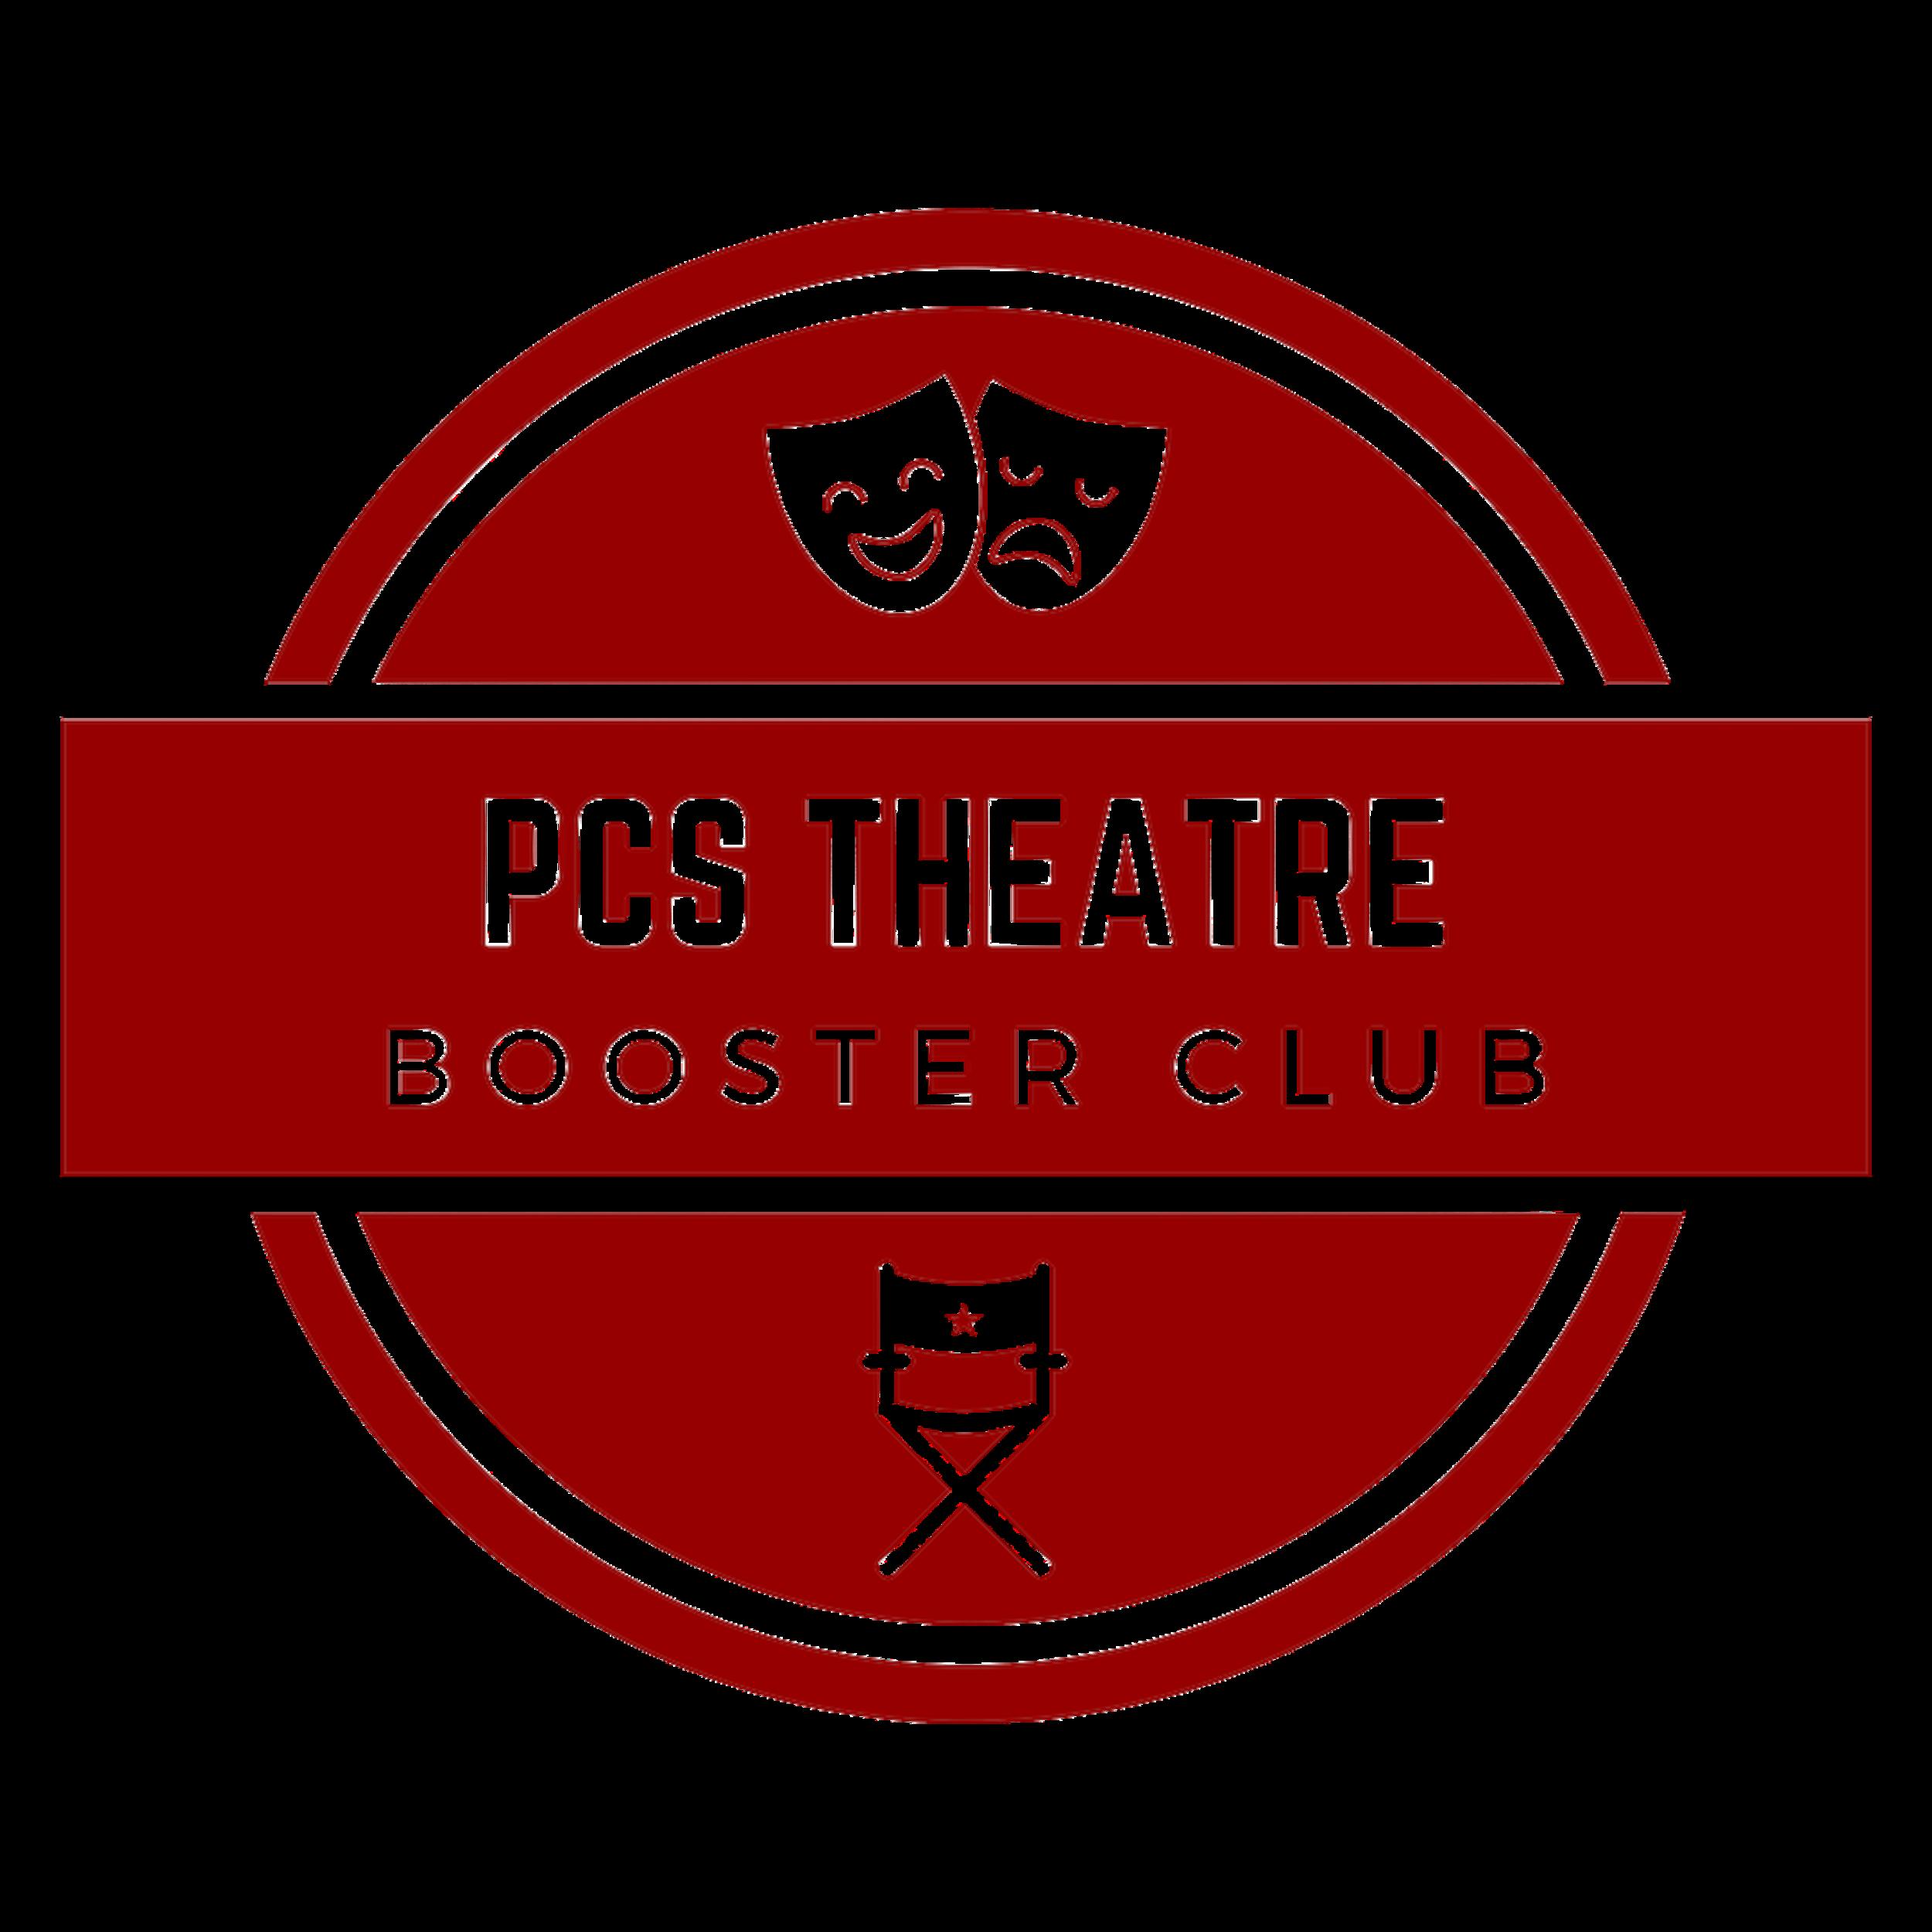 PCS THEATREBOOSTER CLUB -